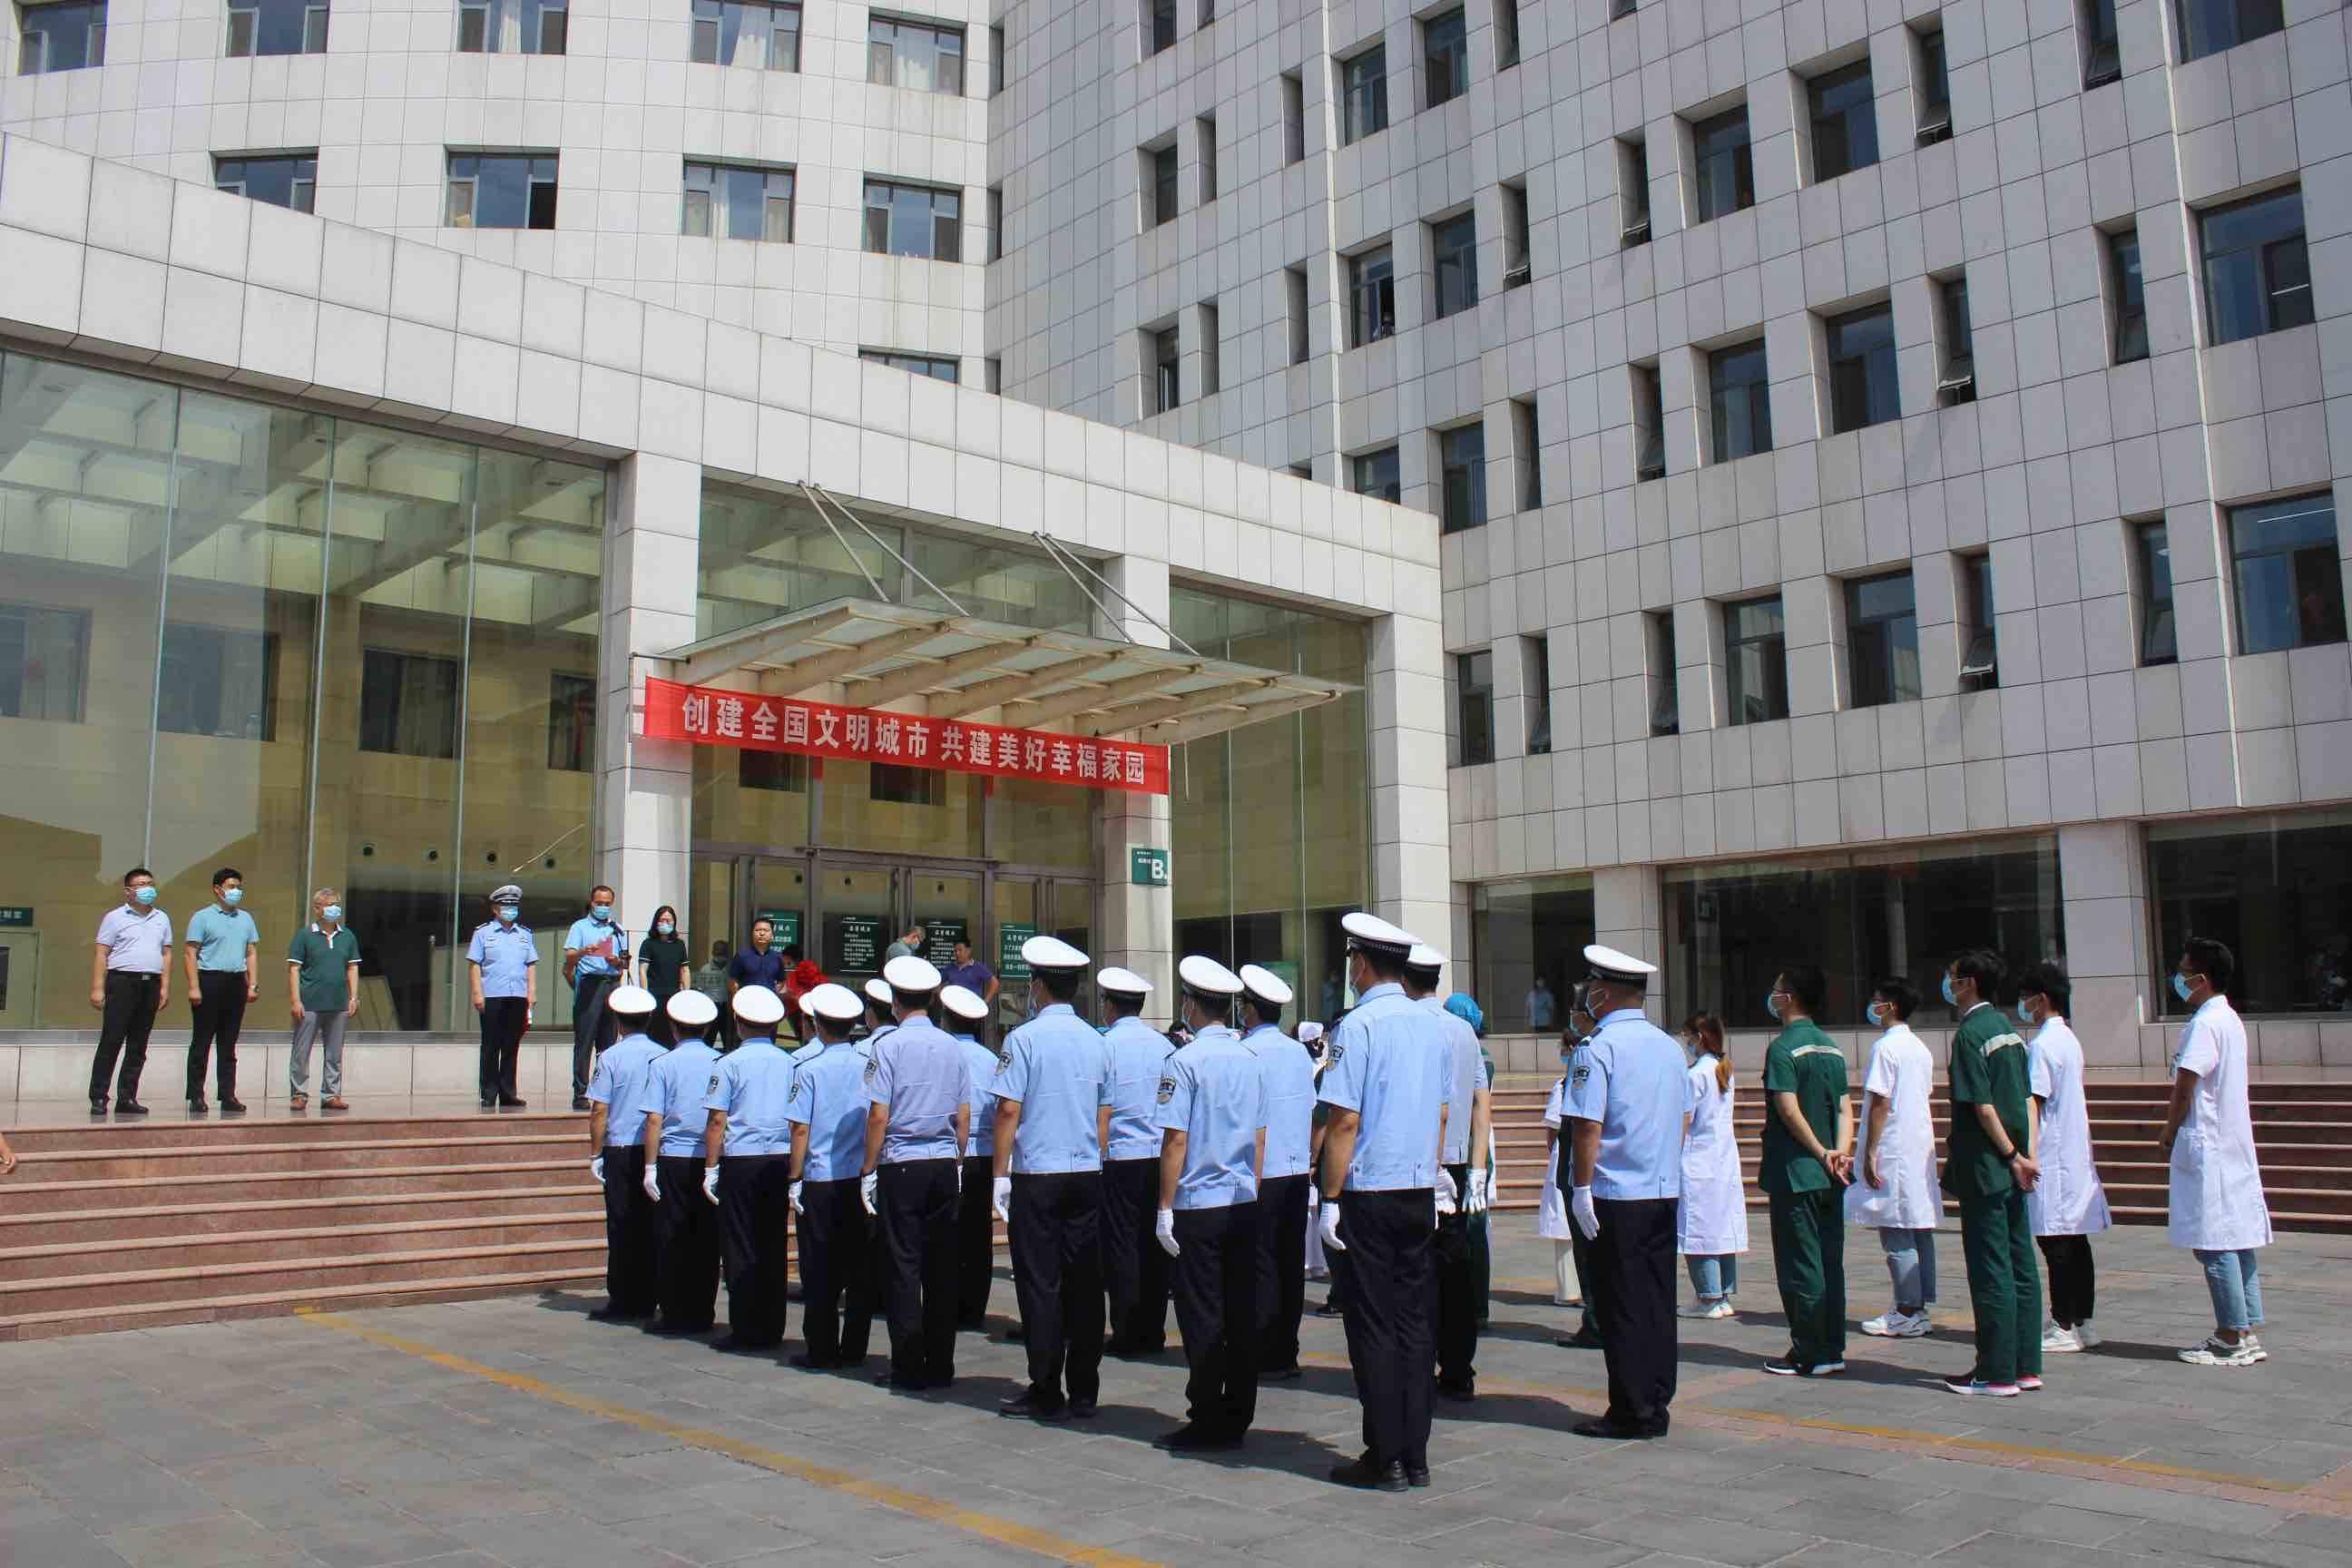 淄川区建立道路交通事故伤员救援点 打造高效救援